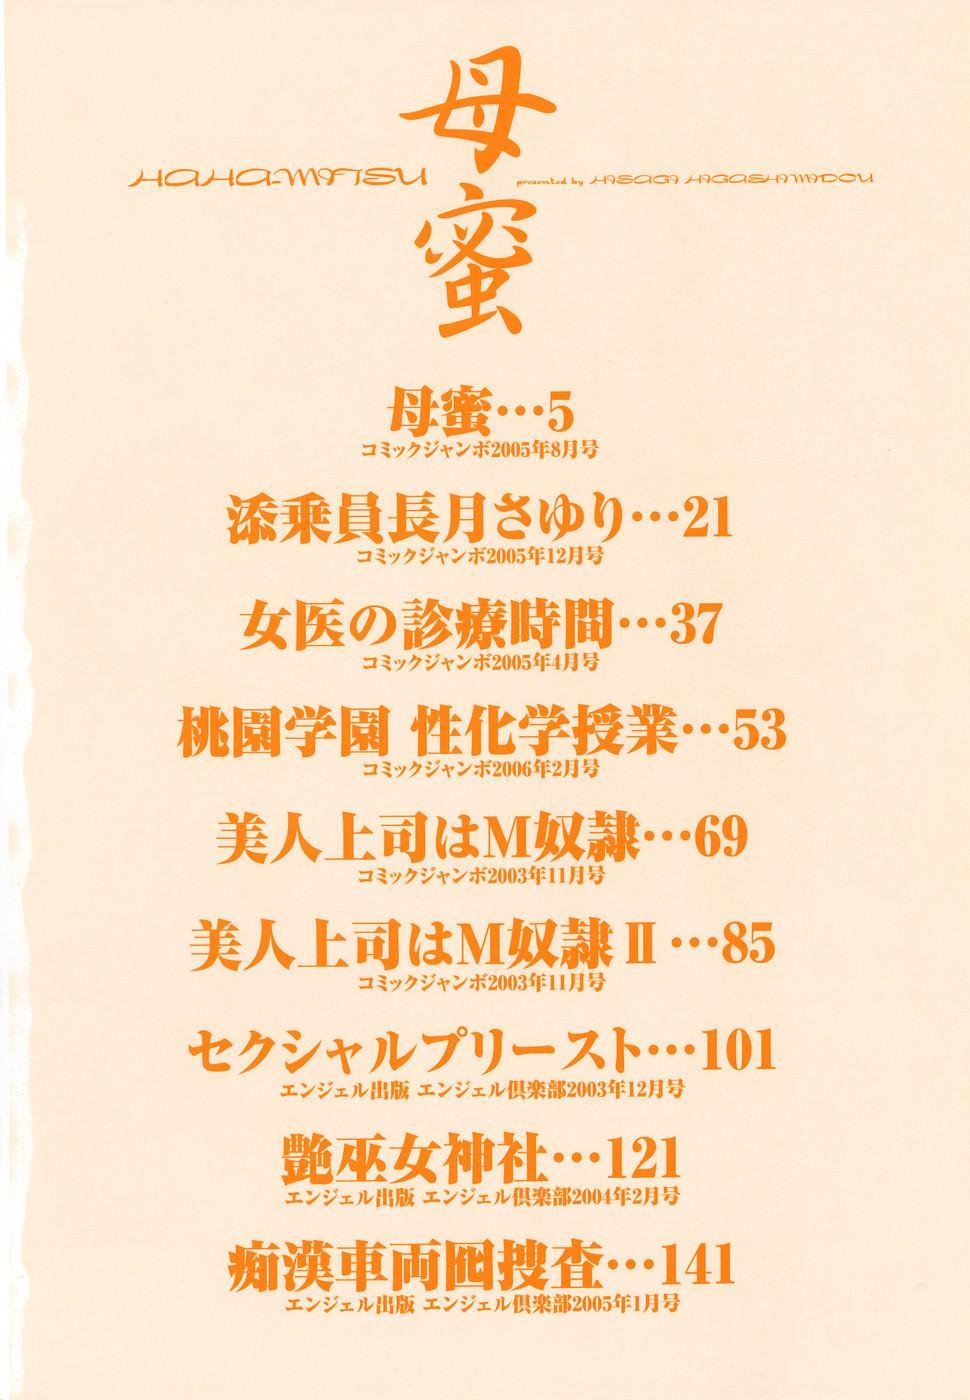 Haha Mitsu 2